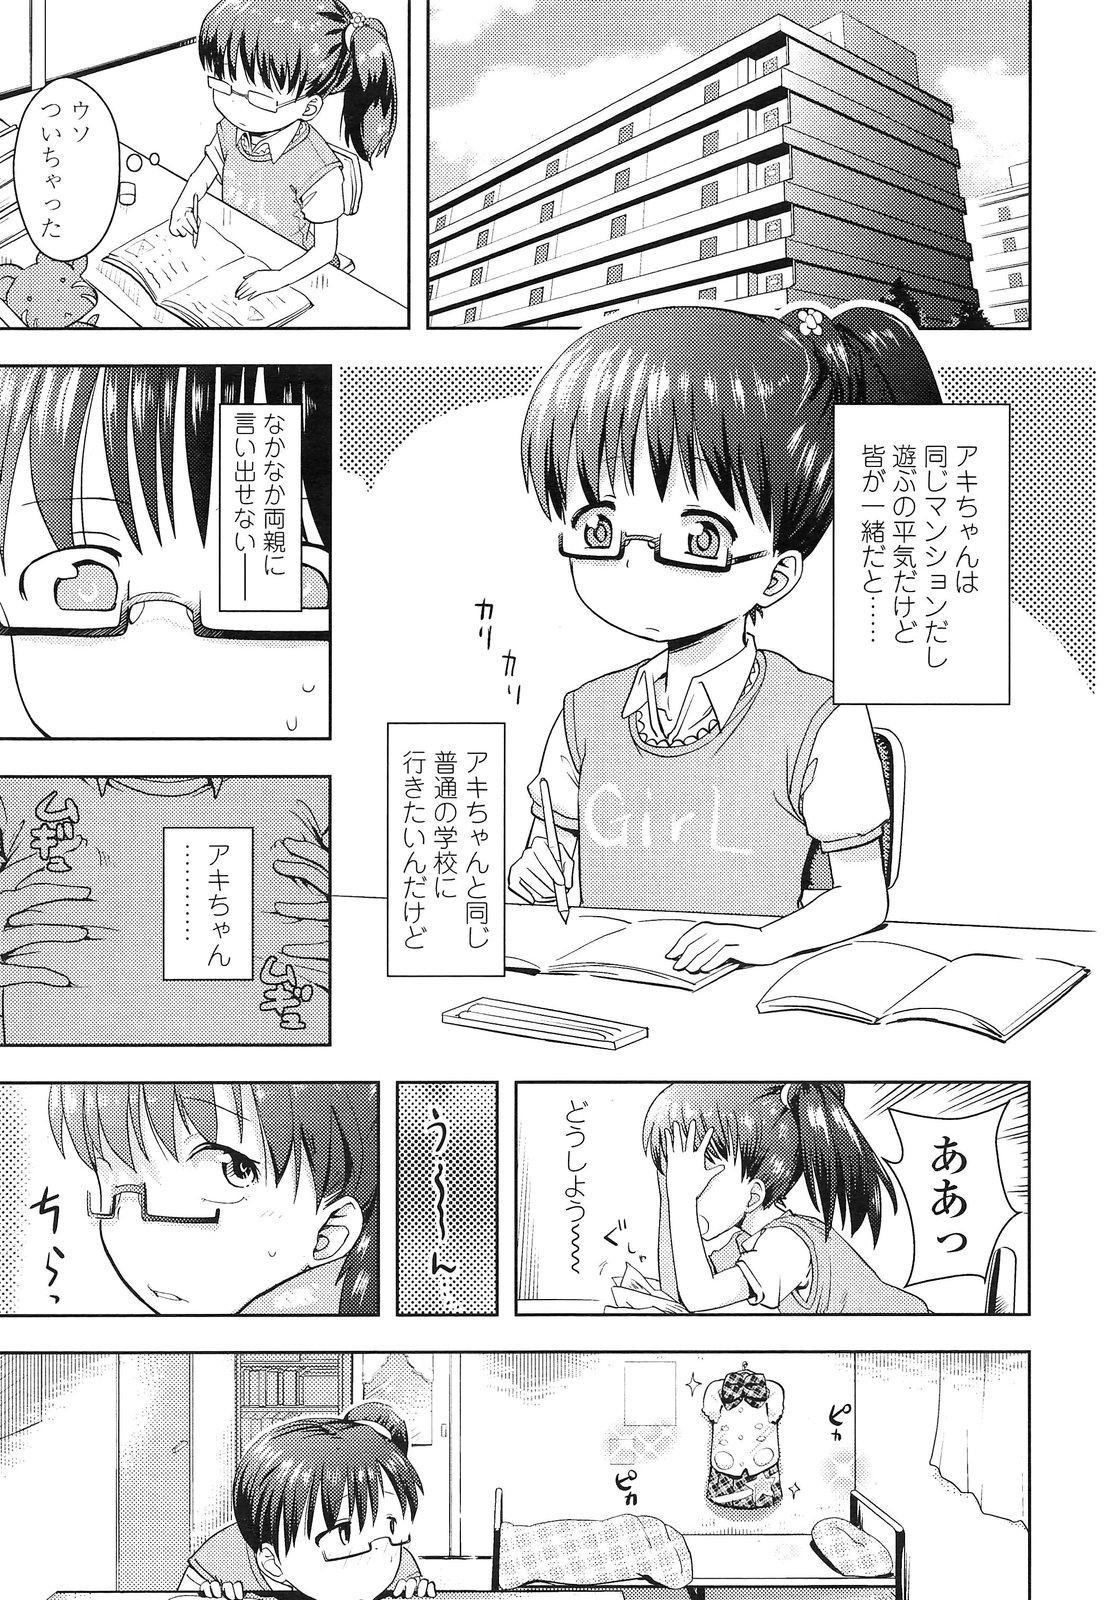 Idol tte Kimochi Ii? Ch.1-2 3